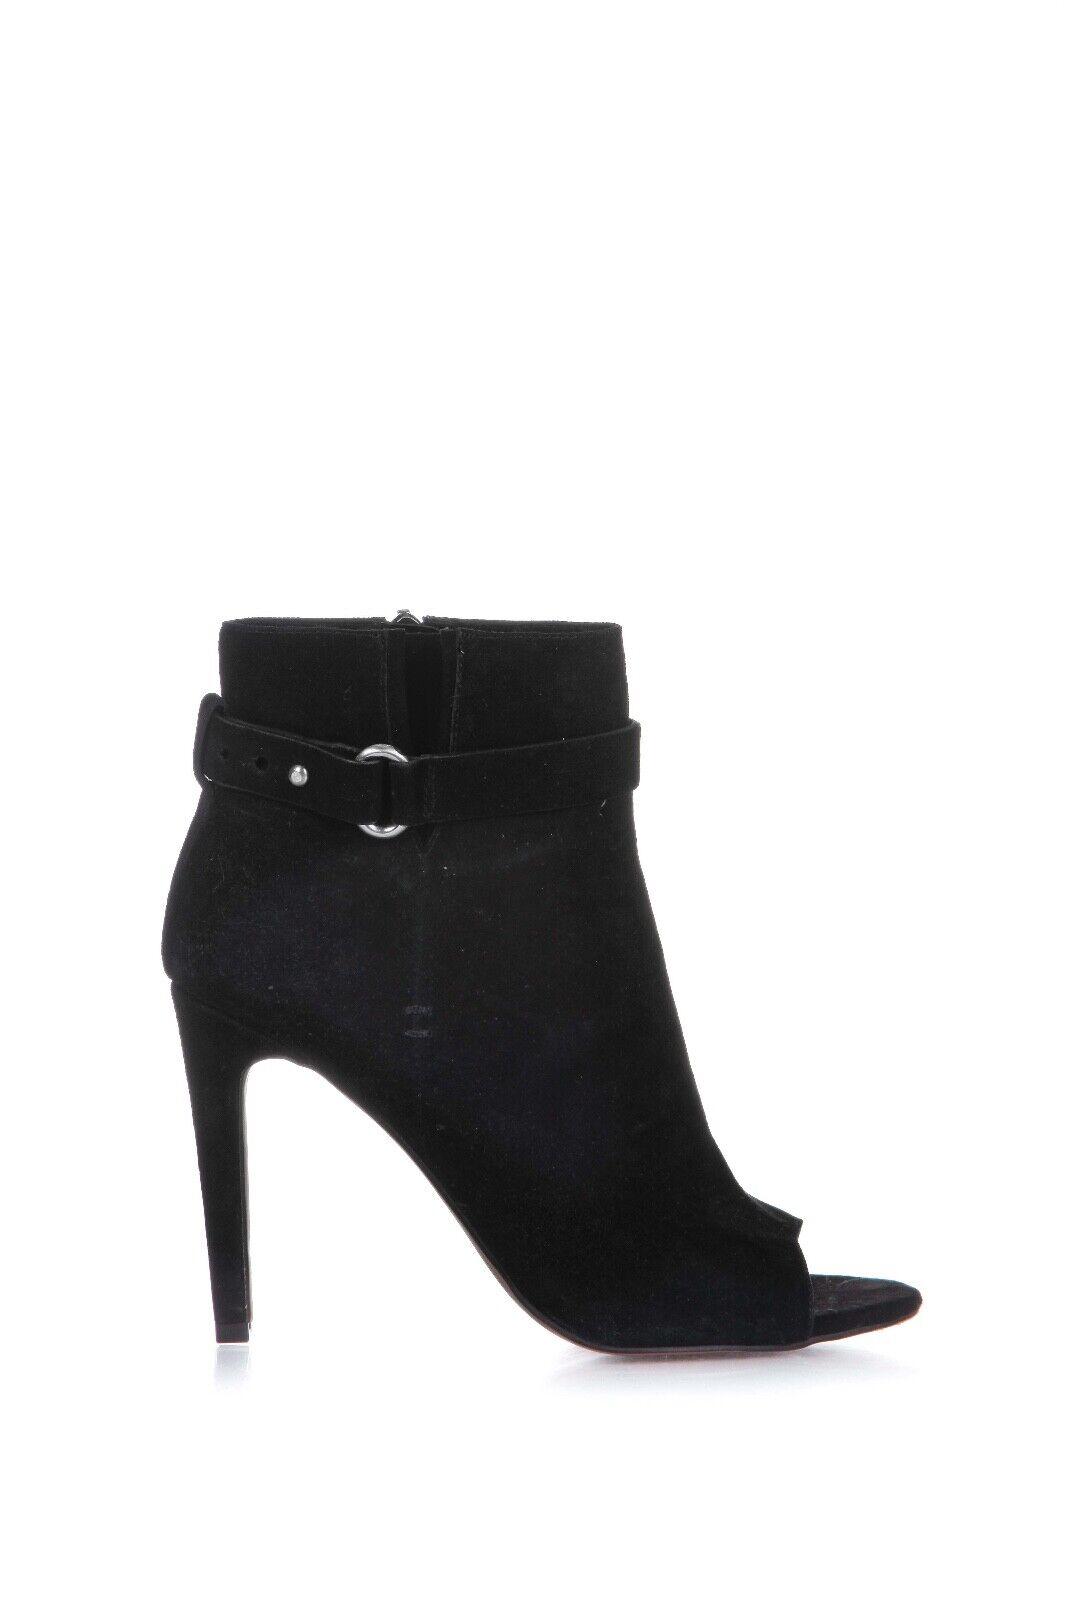 BCBGeneration Ankle Boots US 7.5 M EUR 37.5 Suede Black Peep Toe Buckle Stiletto